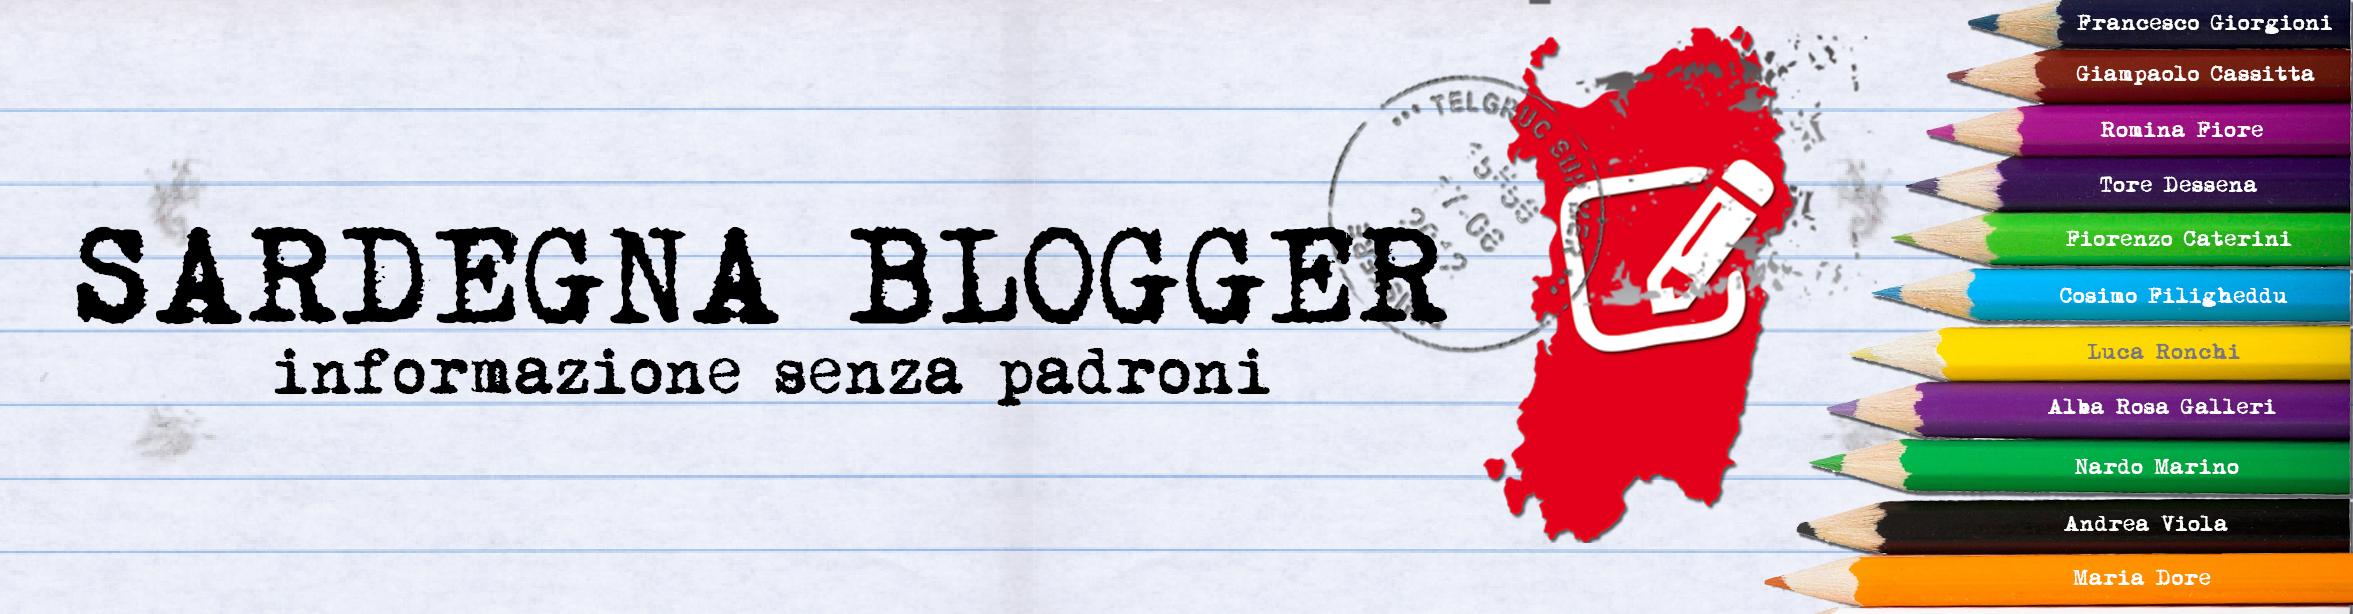 Personaggio del giorno: Sardegnablogger. (di Alba Rosa Galleri)